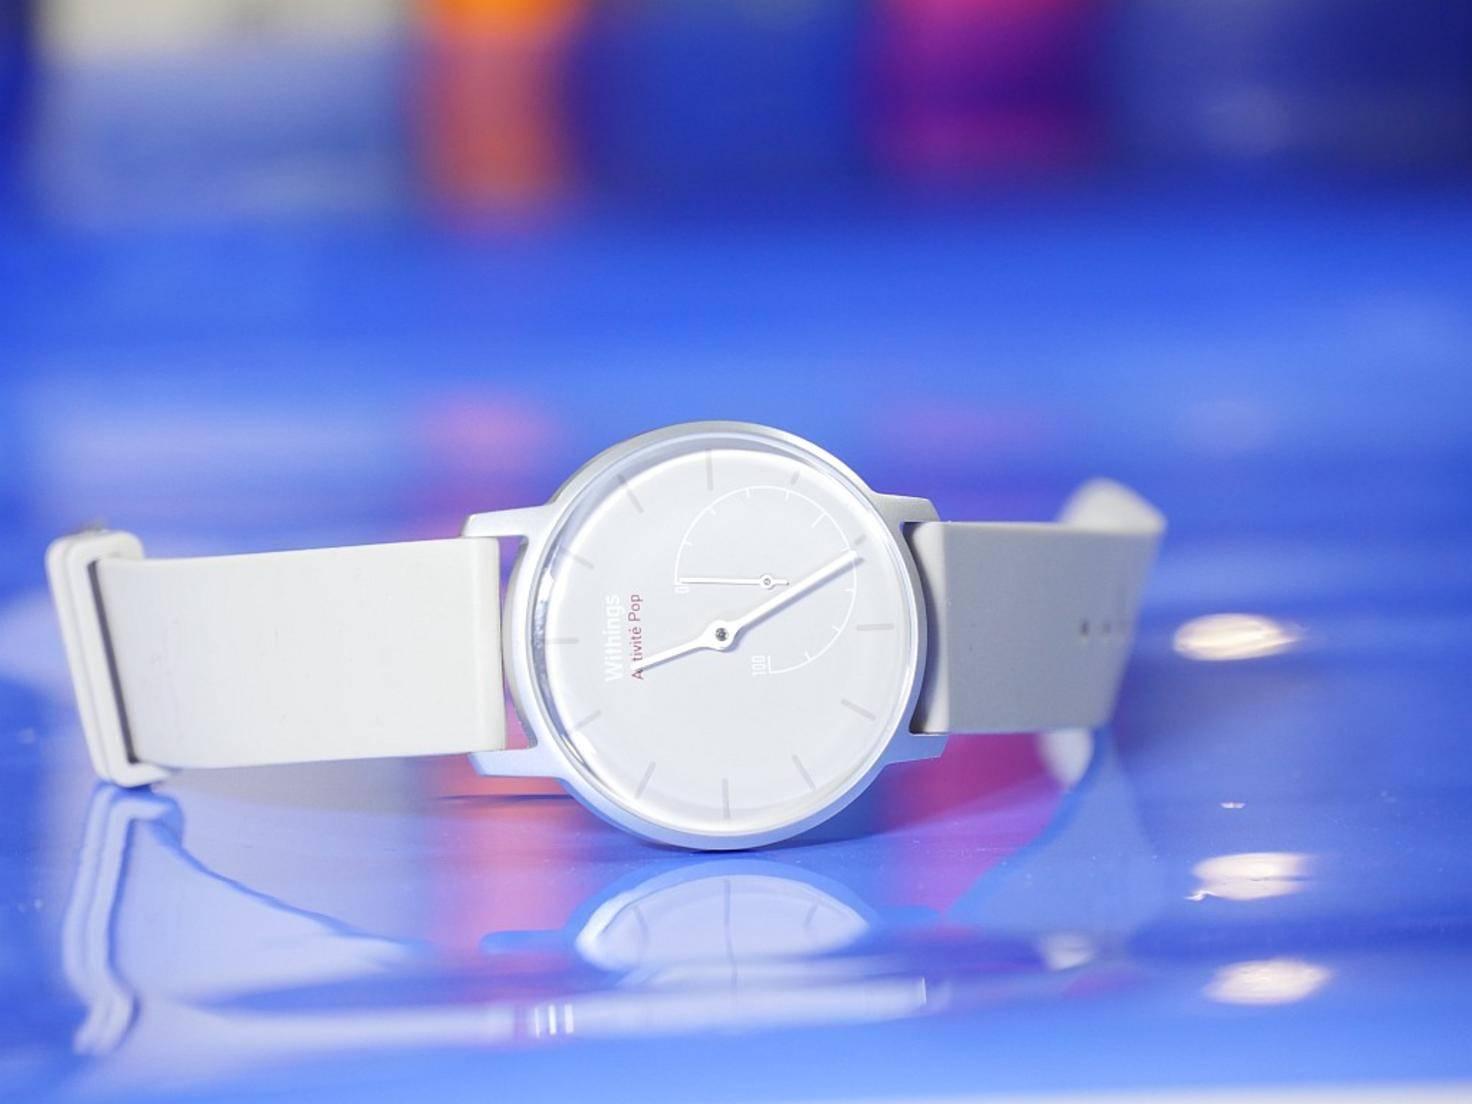 Das Armband der Uhr ist aus weichem Silikon.